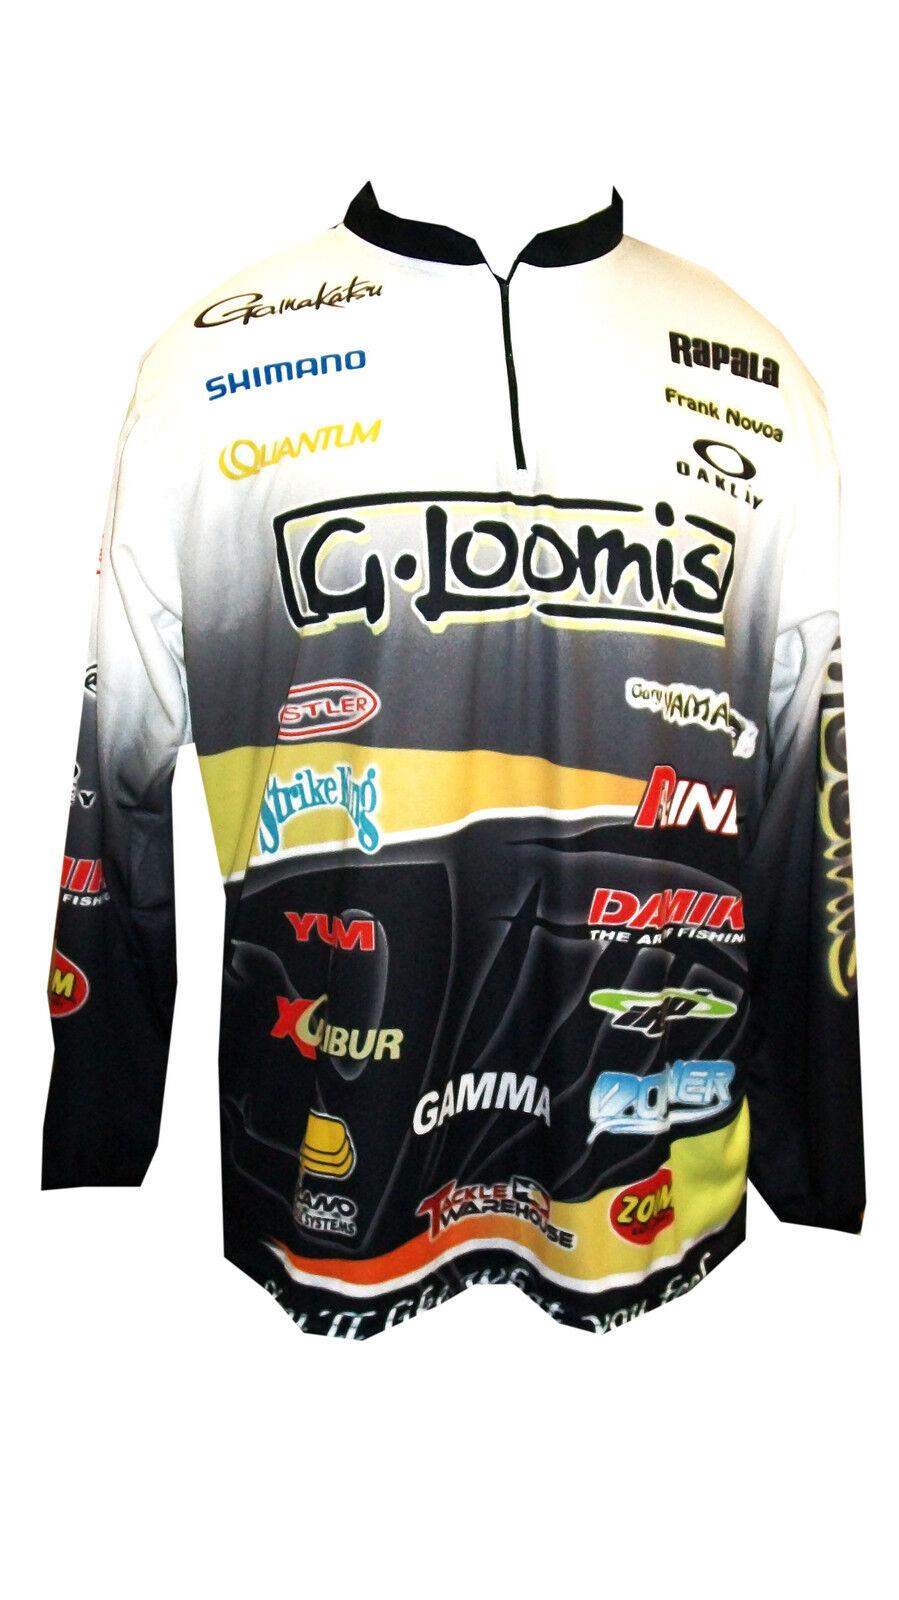 Jersey de pesca personalizadas, elige entre 100+ diseños o crear el tuyo, Excelente Calidad